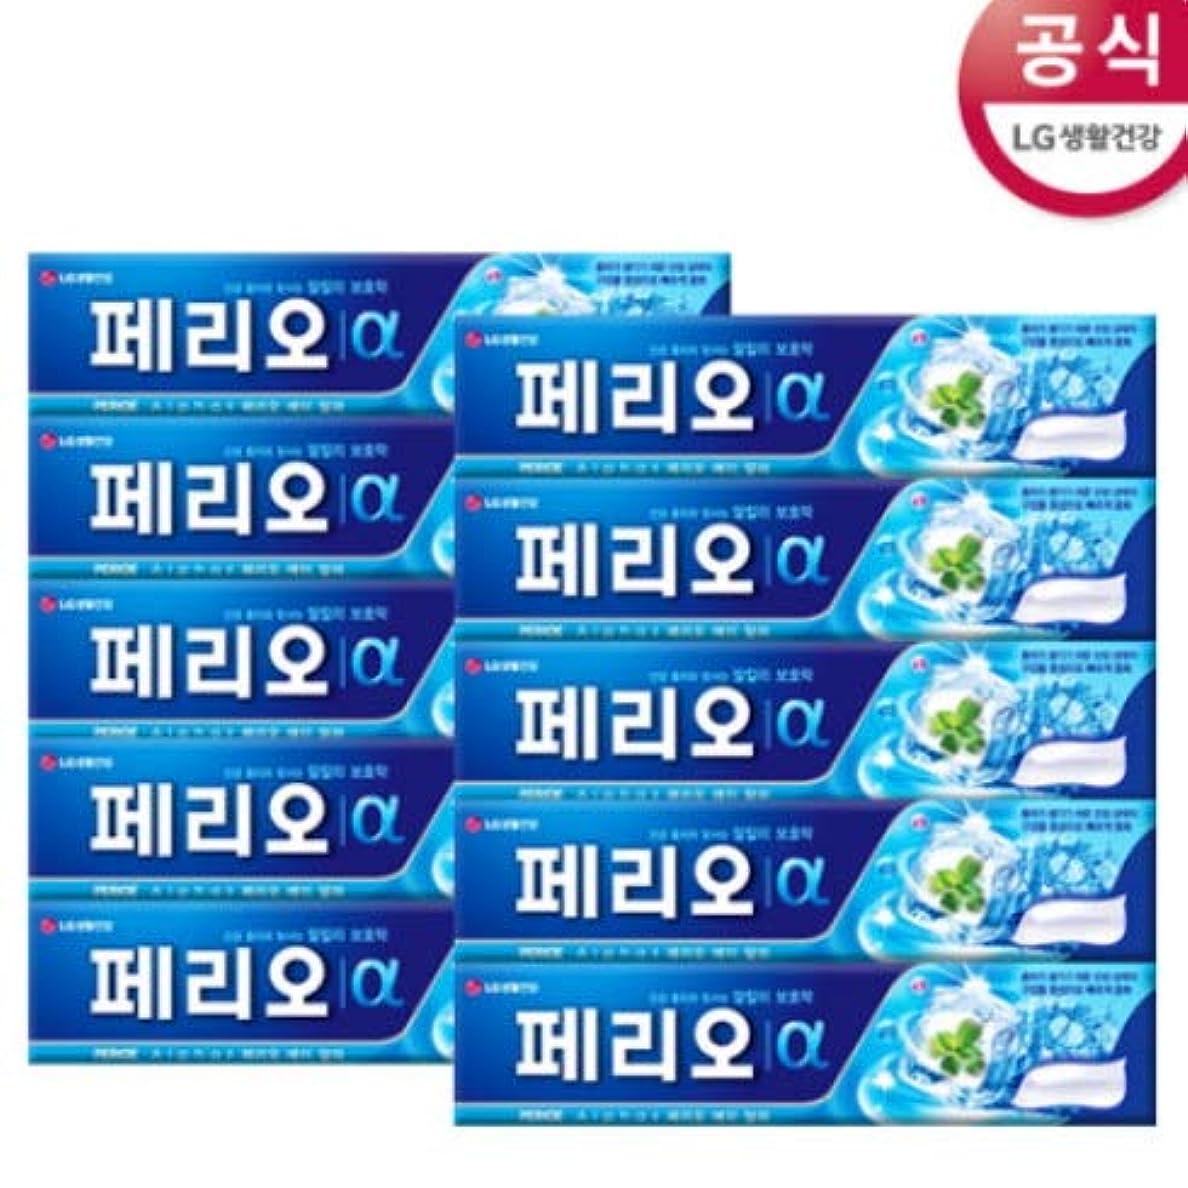 アームストロングフォアタイプ欠陥[LG HnB] Perio Alpha Toothpaste/ペリオアルファ歯磨き粉 170gx10個(海外直送品)